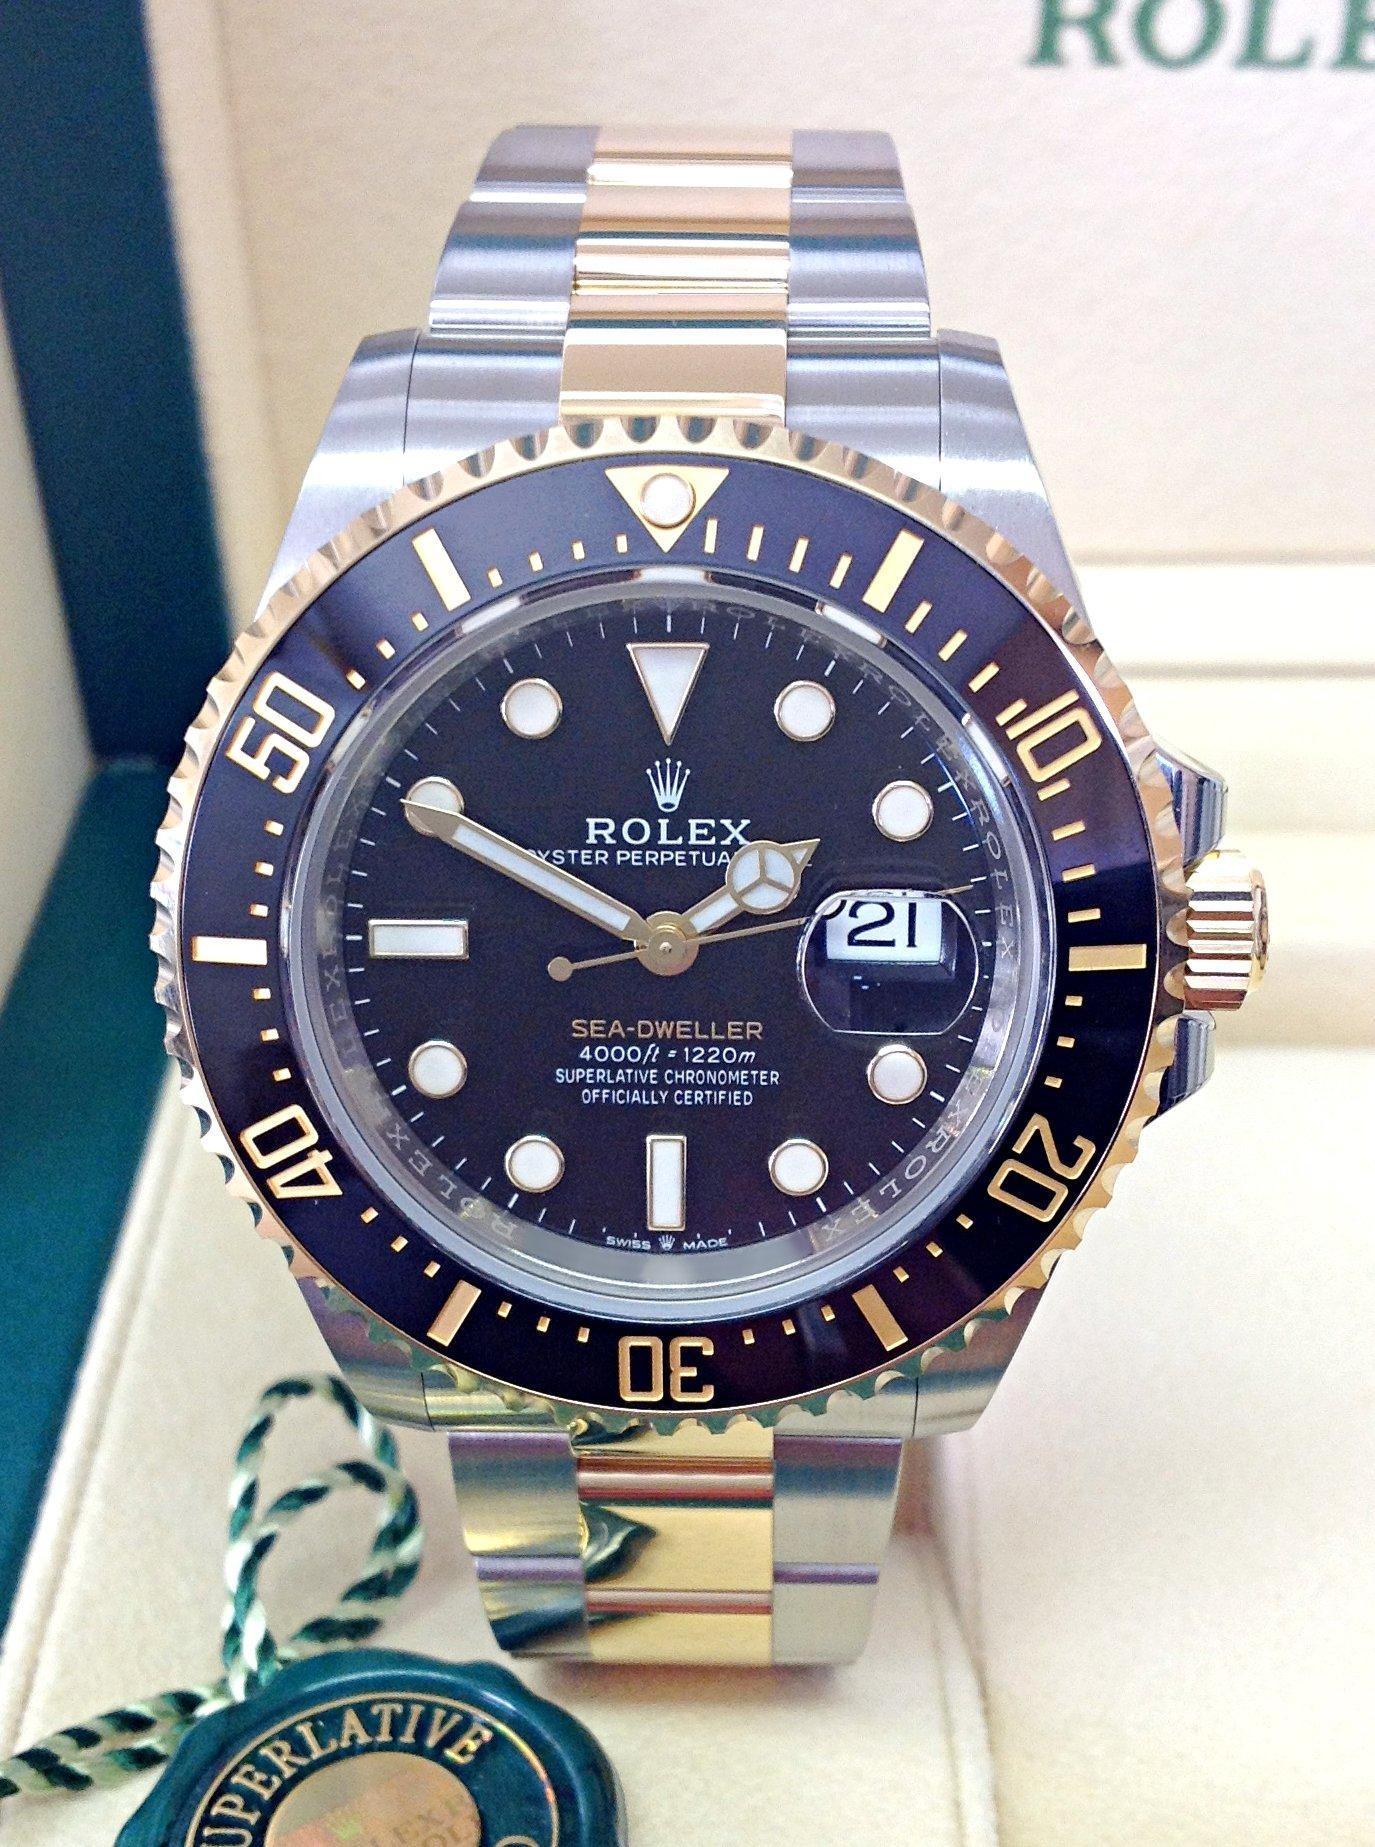 Rolex replica Sea-Dweller 126603 43mm Bi-Colour 3235 clone movement